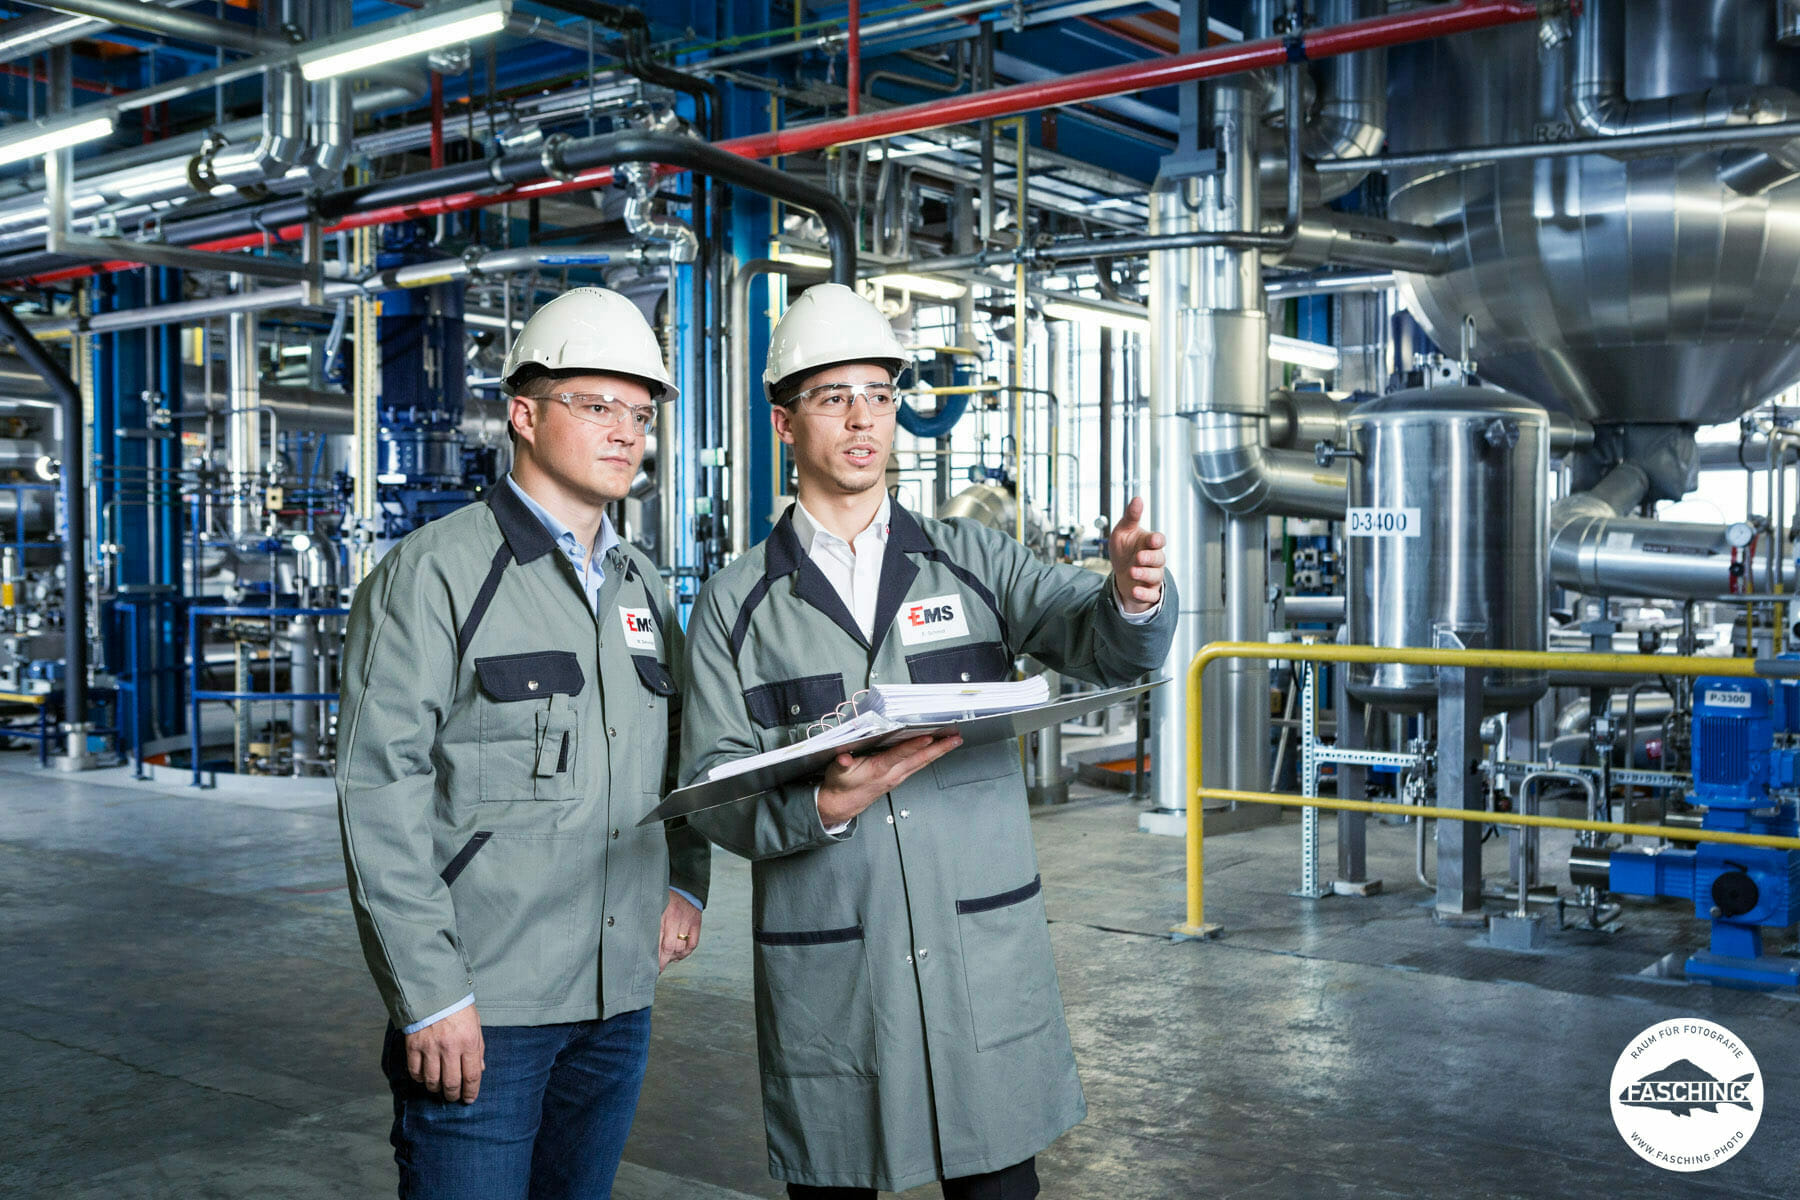 Industriefotografie für EMS - Chemie von Reinhard und Luca Fasching